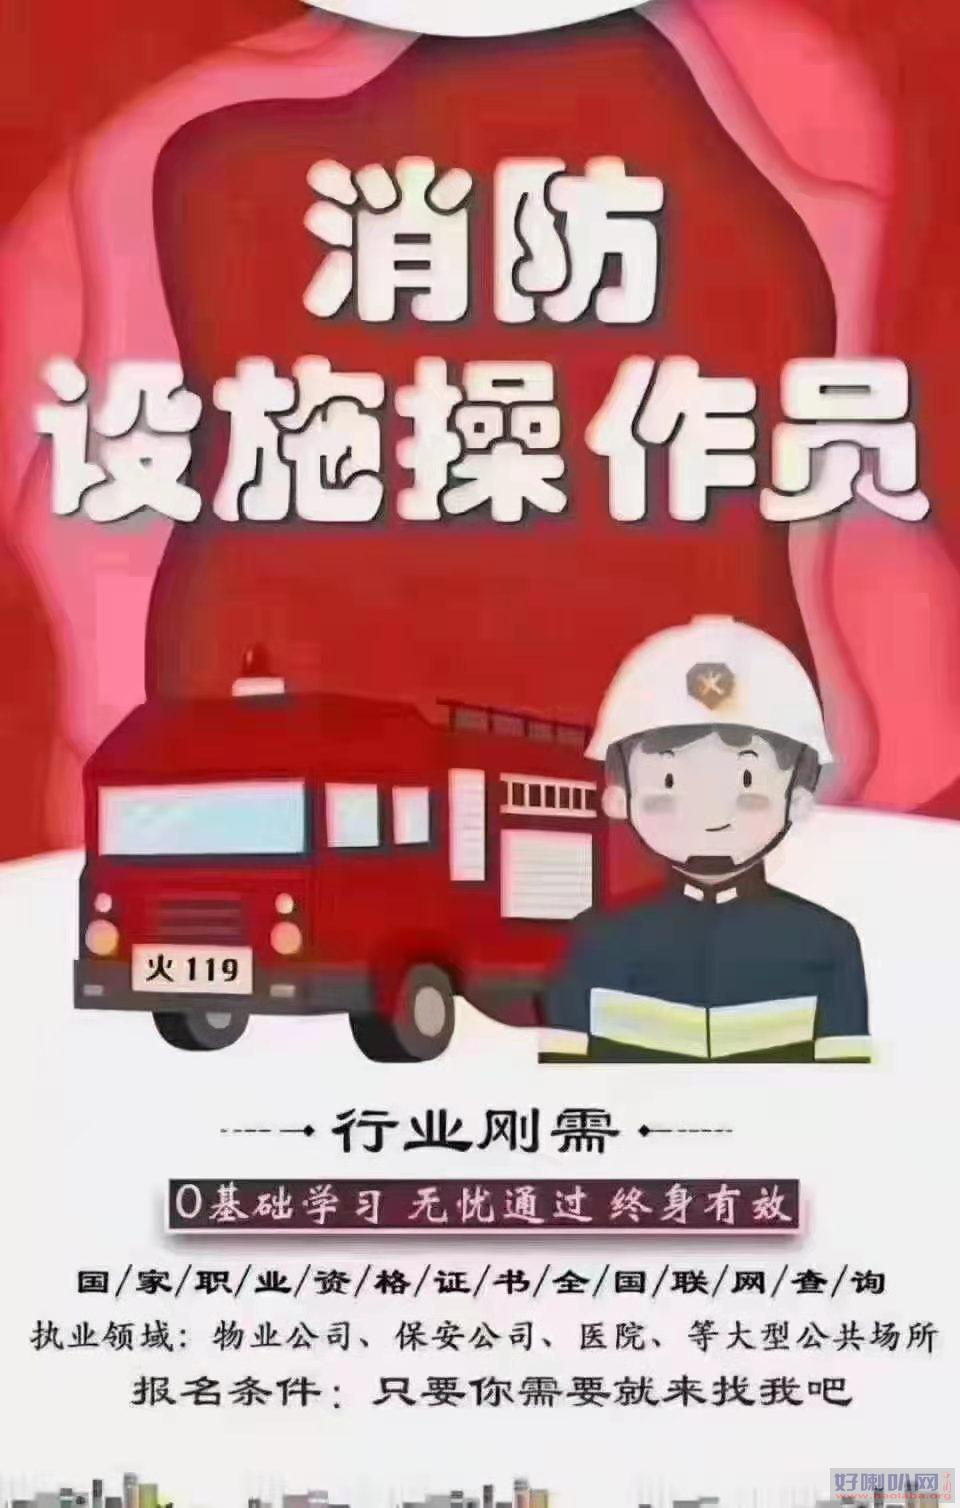 乐山地区消防设施操作员招生简章